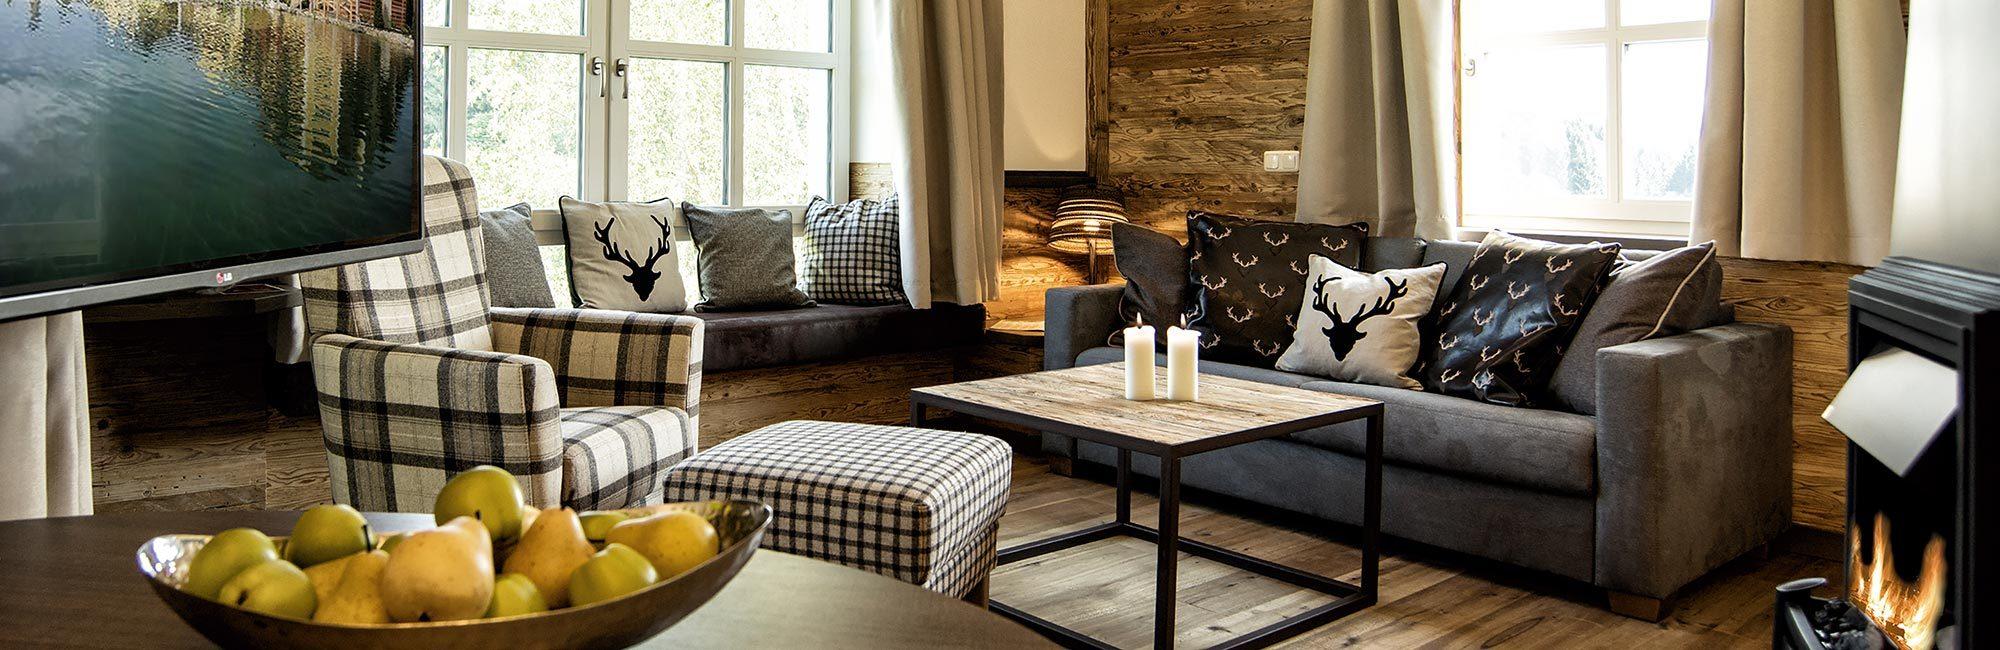 Textilien und Stoffe | Waldbauer Hoteleinrichtungen und Gastroeinrichtungen